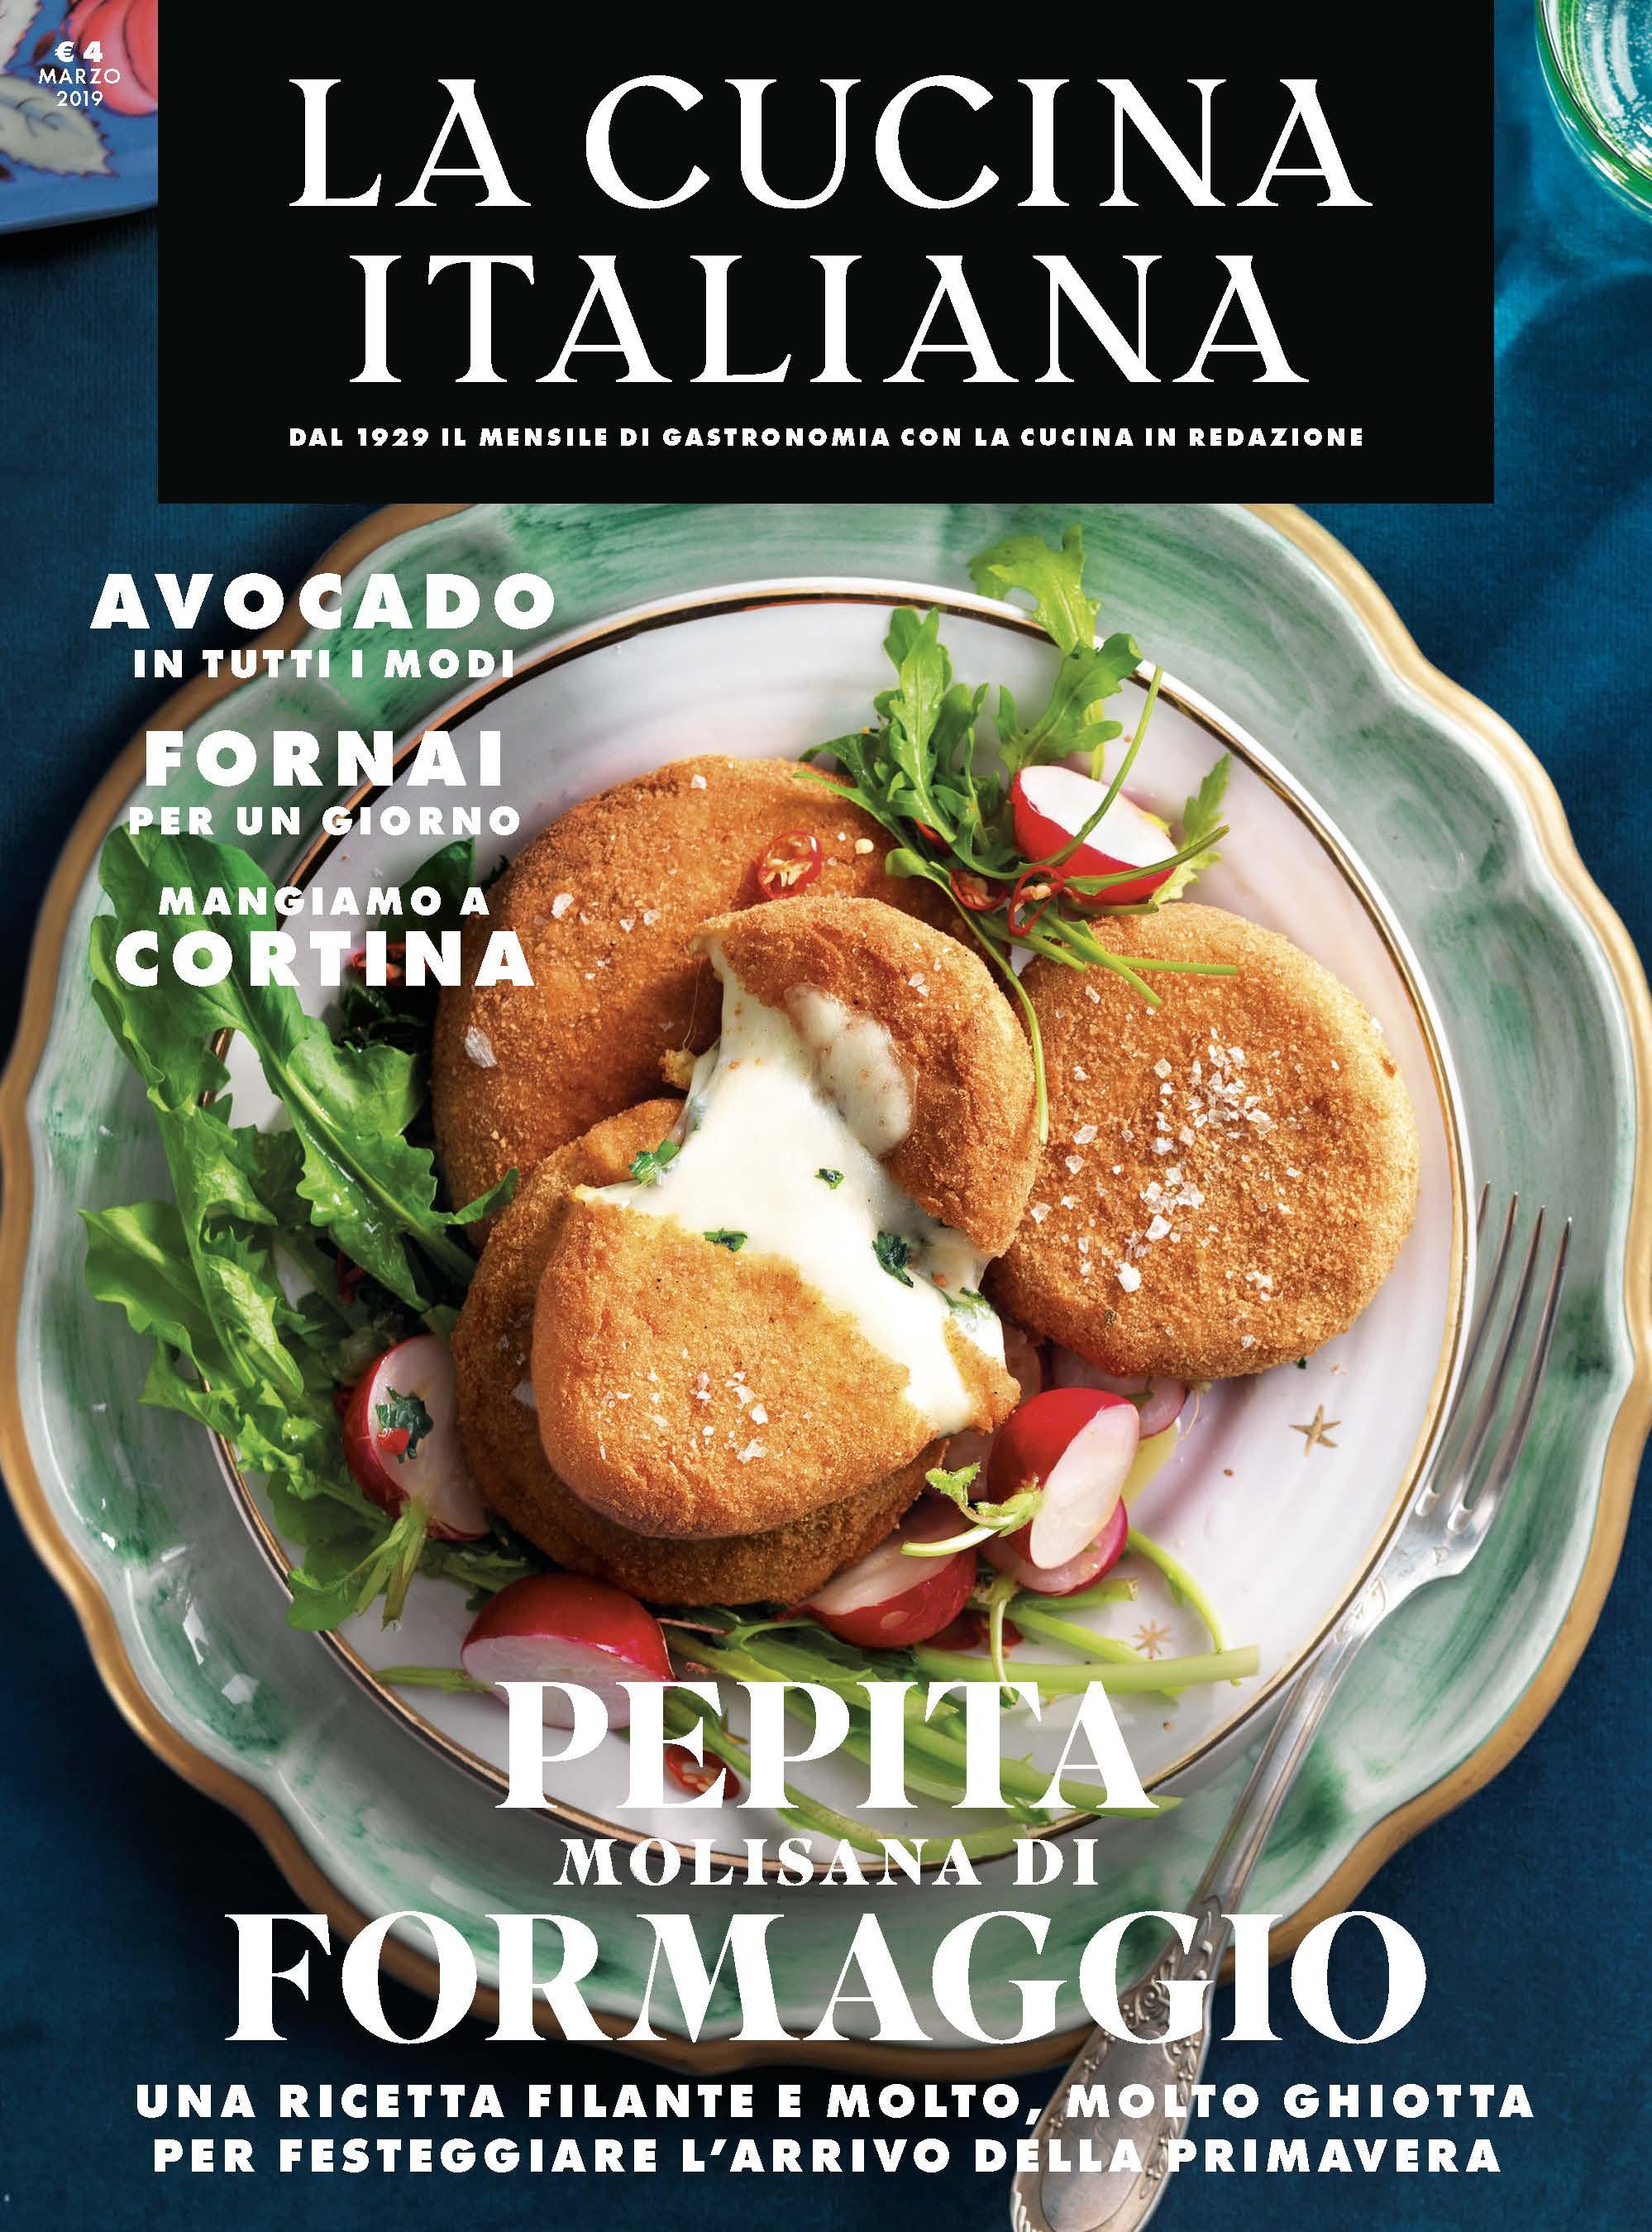 Italian Cuisine on Alexa